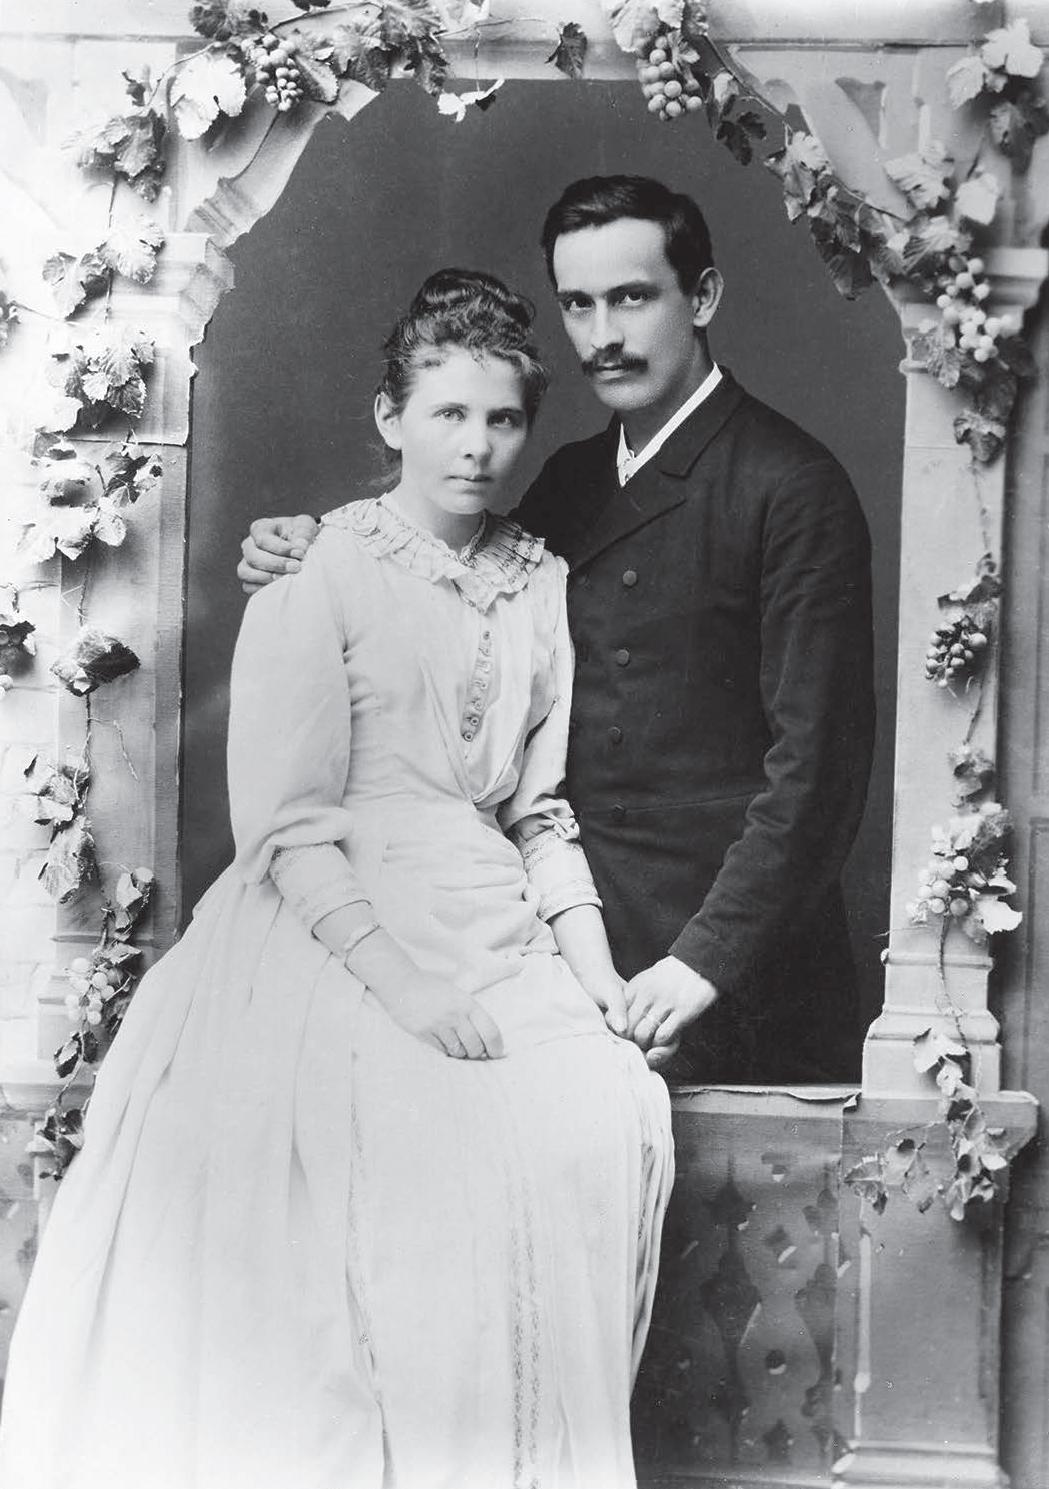 Hochzeitsbild des Ehepaars Huber (1876). © zvg